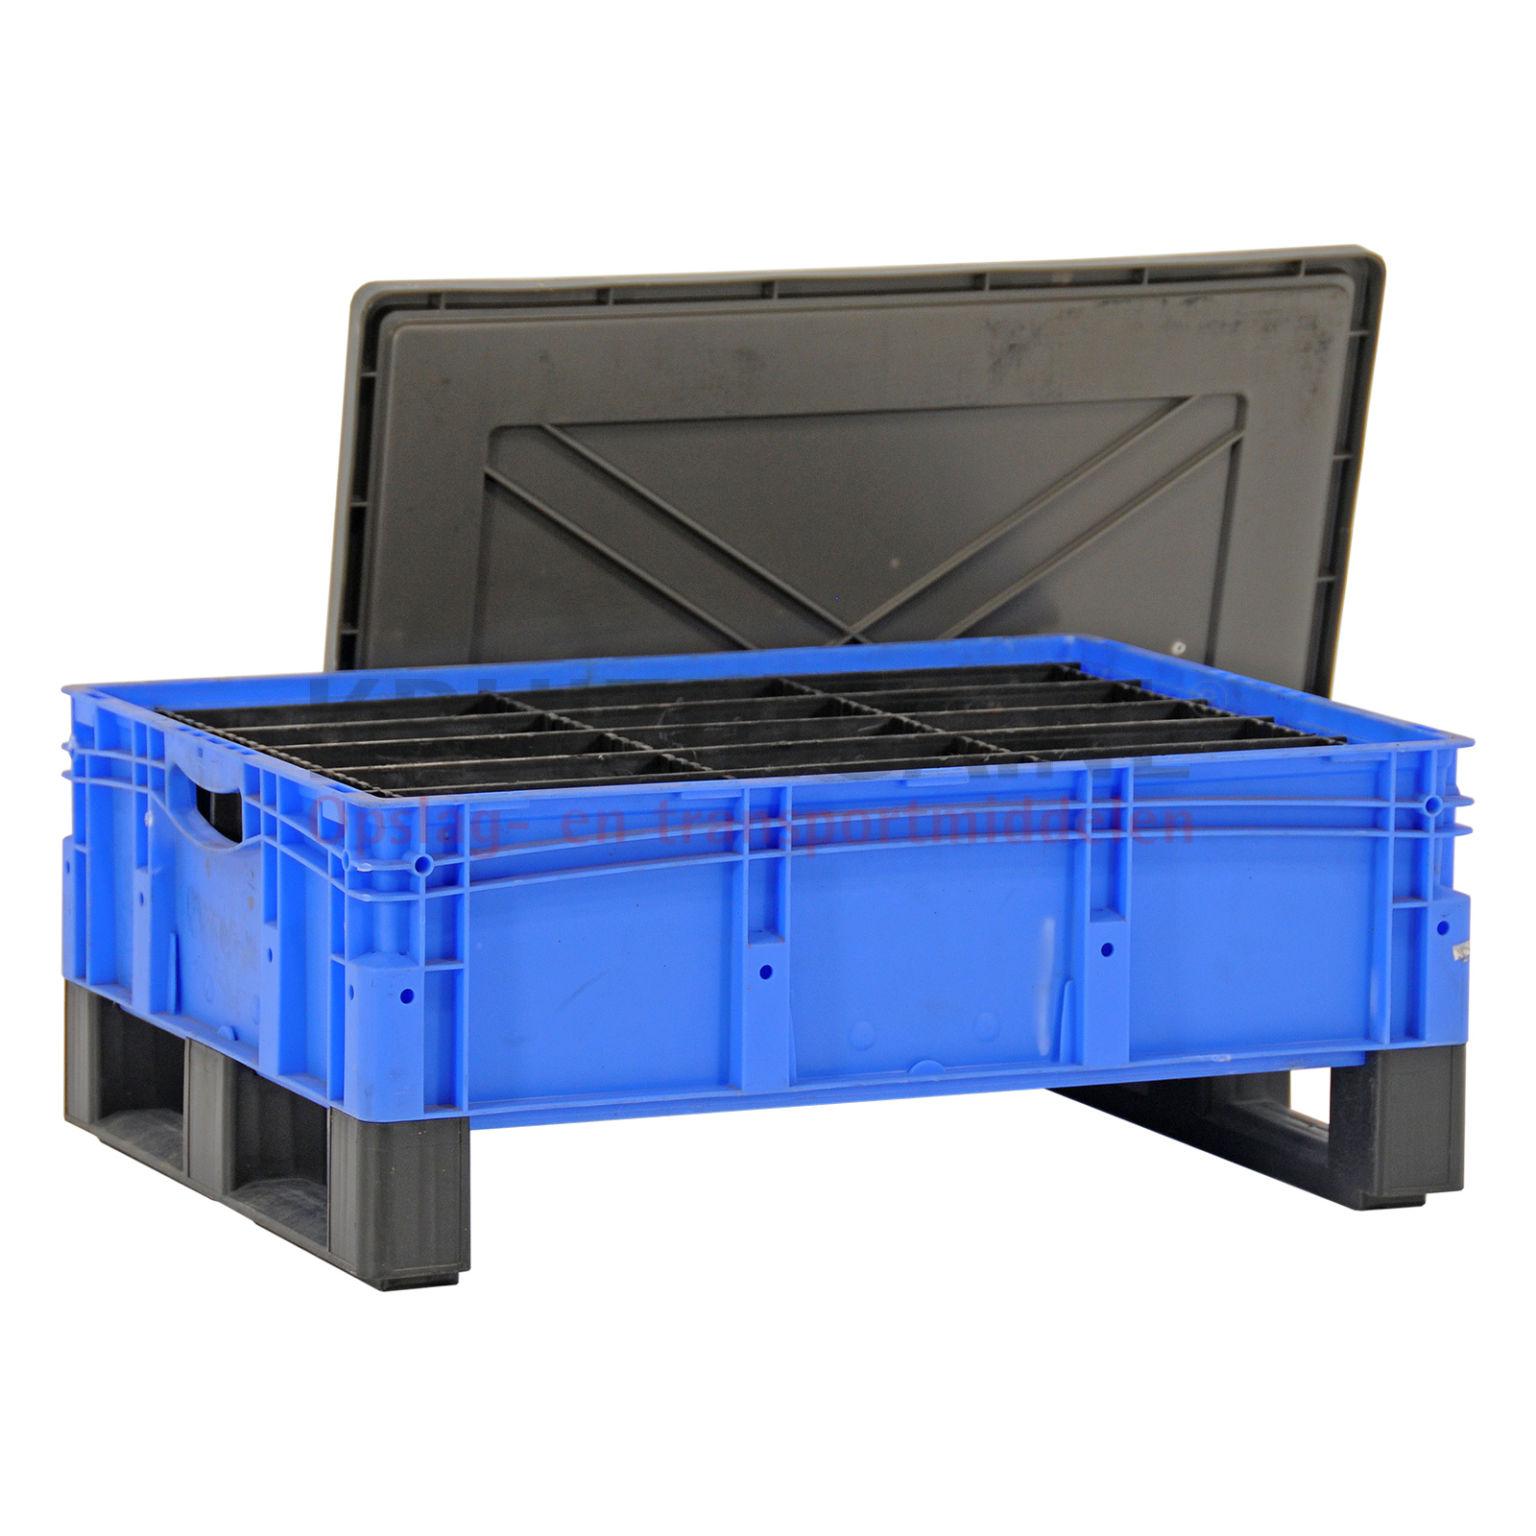 stapelboxen kunststoff stapelbar facheinteilung inkl deckel gebraucht. Black Bedroom Furniture Sets. Home Design Ideas